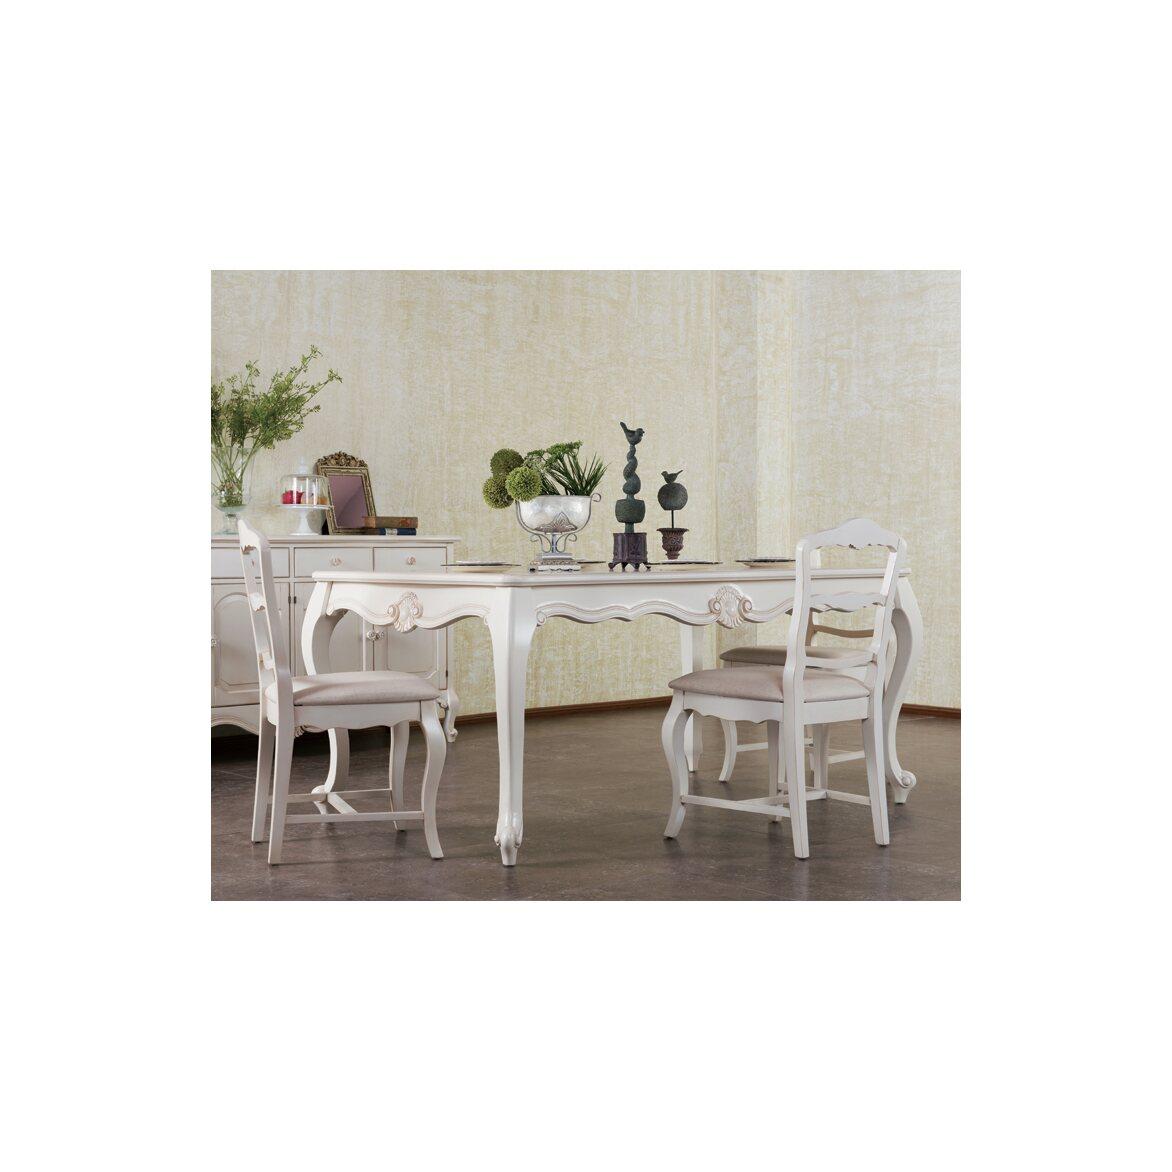 Стул с мягким сиденьем Leontina, бежевого цвета 8 | Обеденные стулья Kingsby